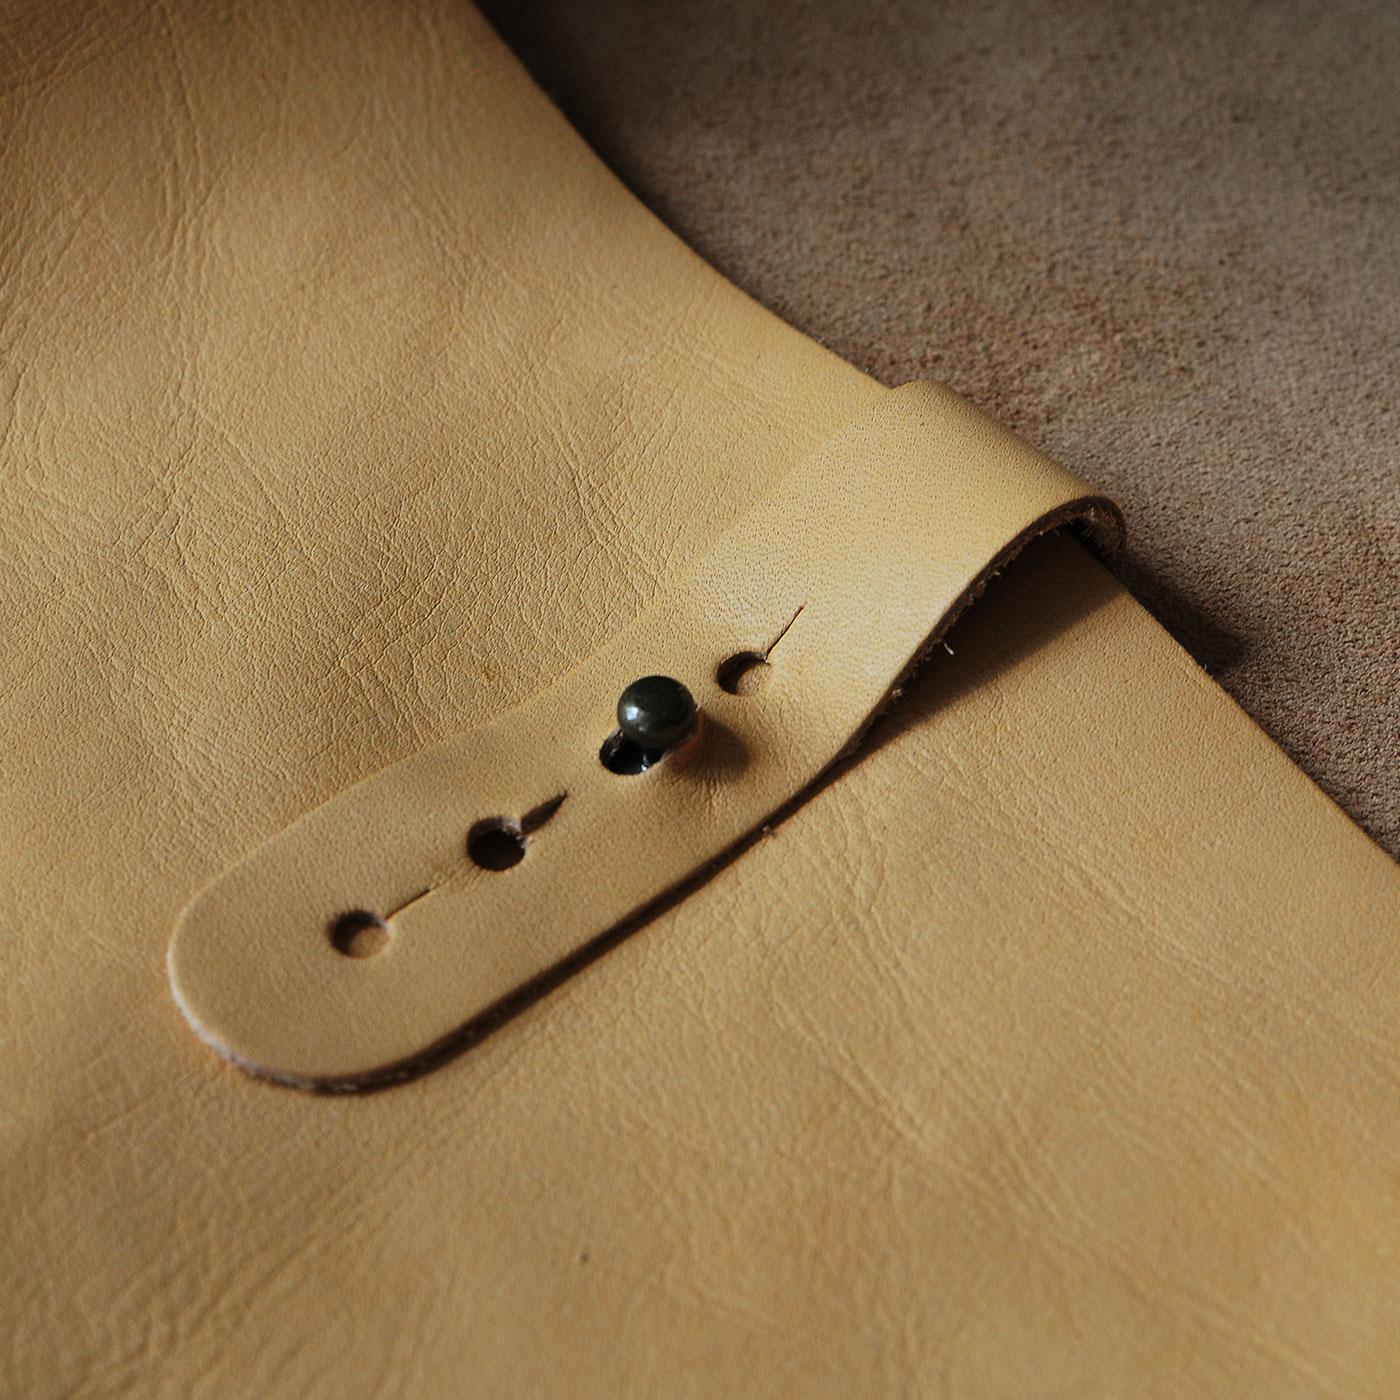 世界にひとつ!『縫うだけで完成』あこがれのレザークラフト ショルダーバッグ手づくりキット(ミルクティー)